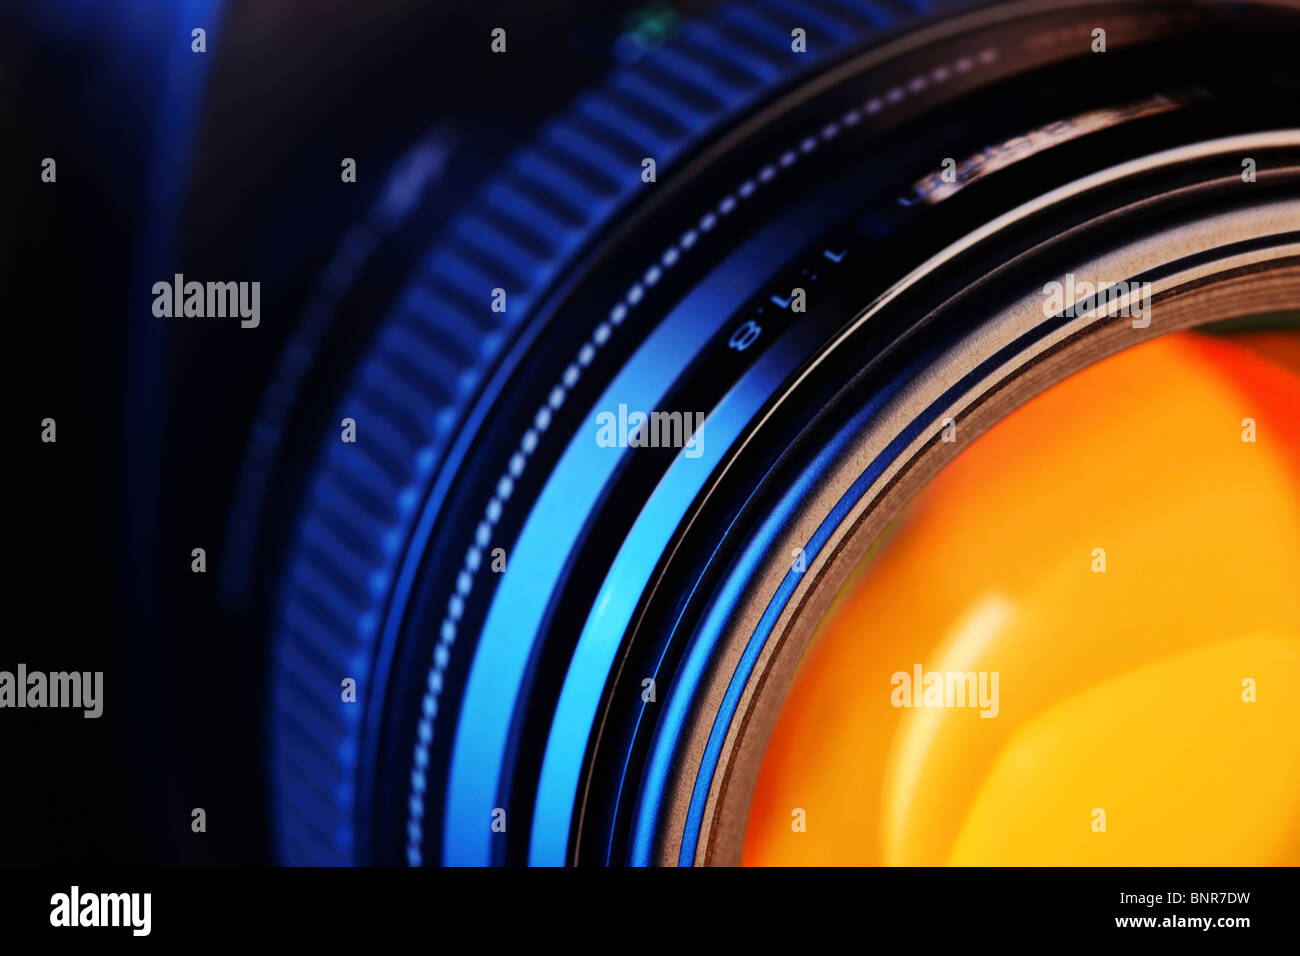 Close-up di una telecamera-obiettivo collegato ad una moderna fotocamera digitale Immagini Stock